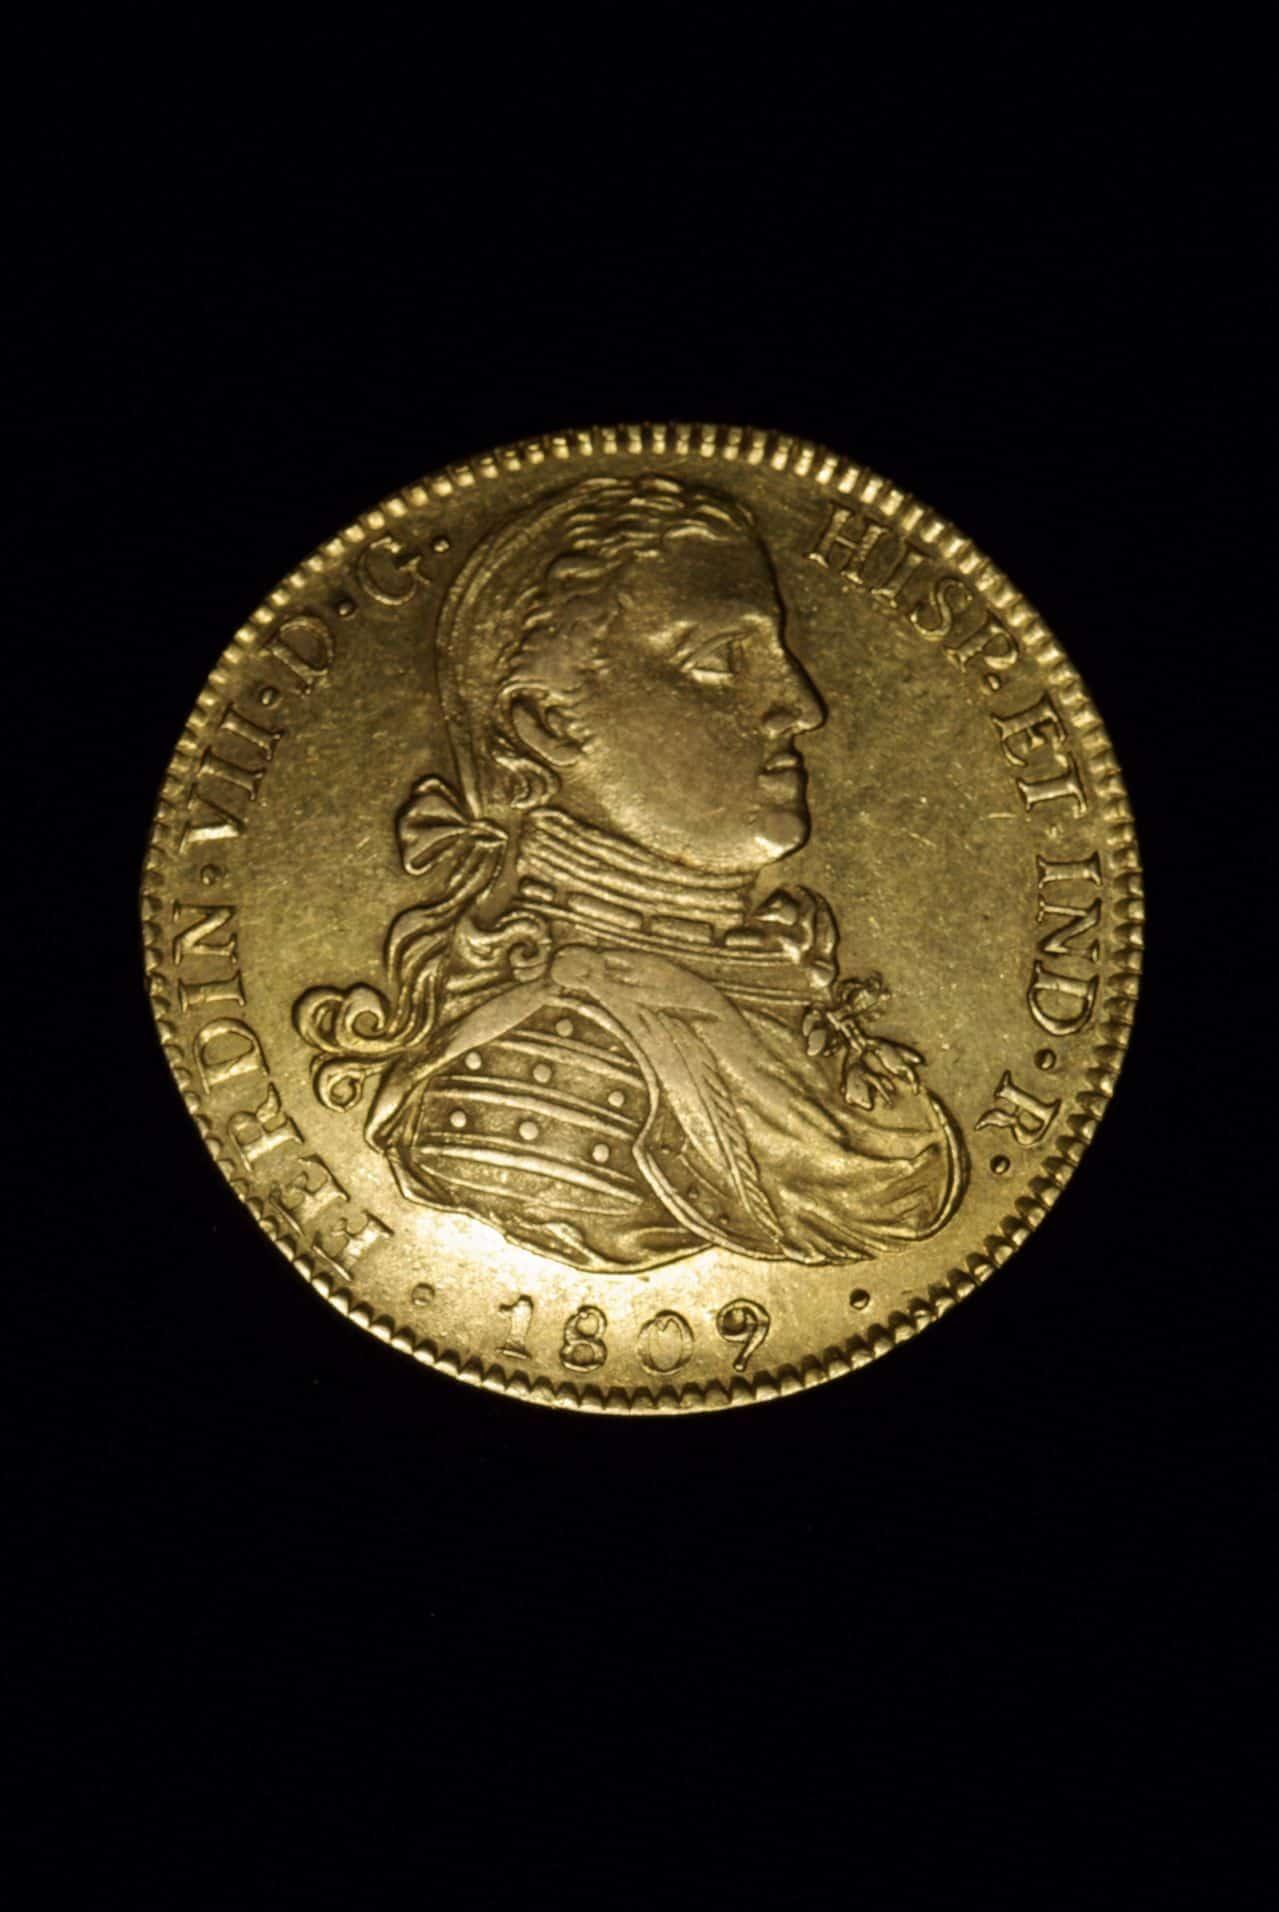 8 escudos 1809 Mejico Fernando VII. Dedicada a Eddy Image